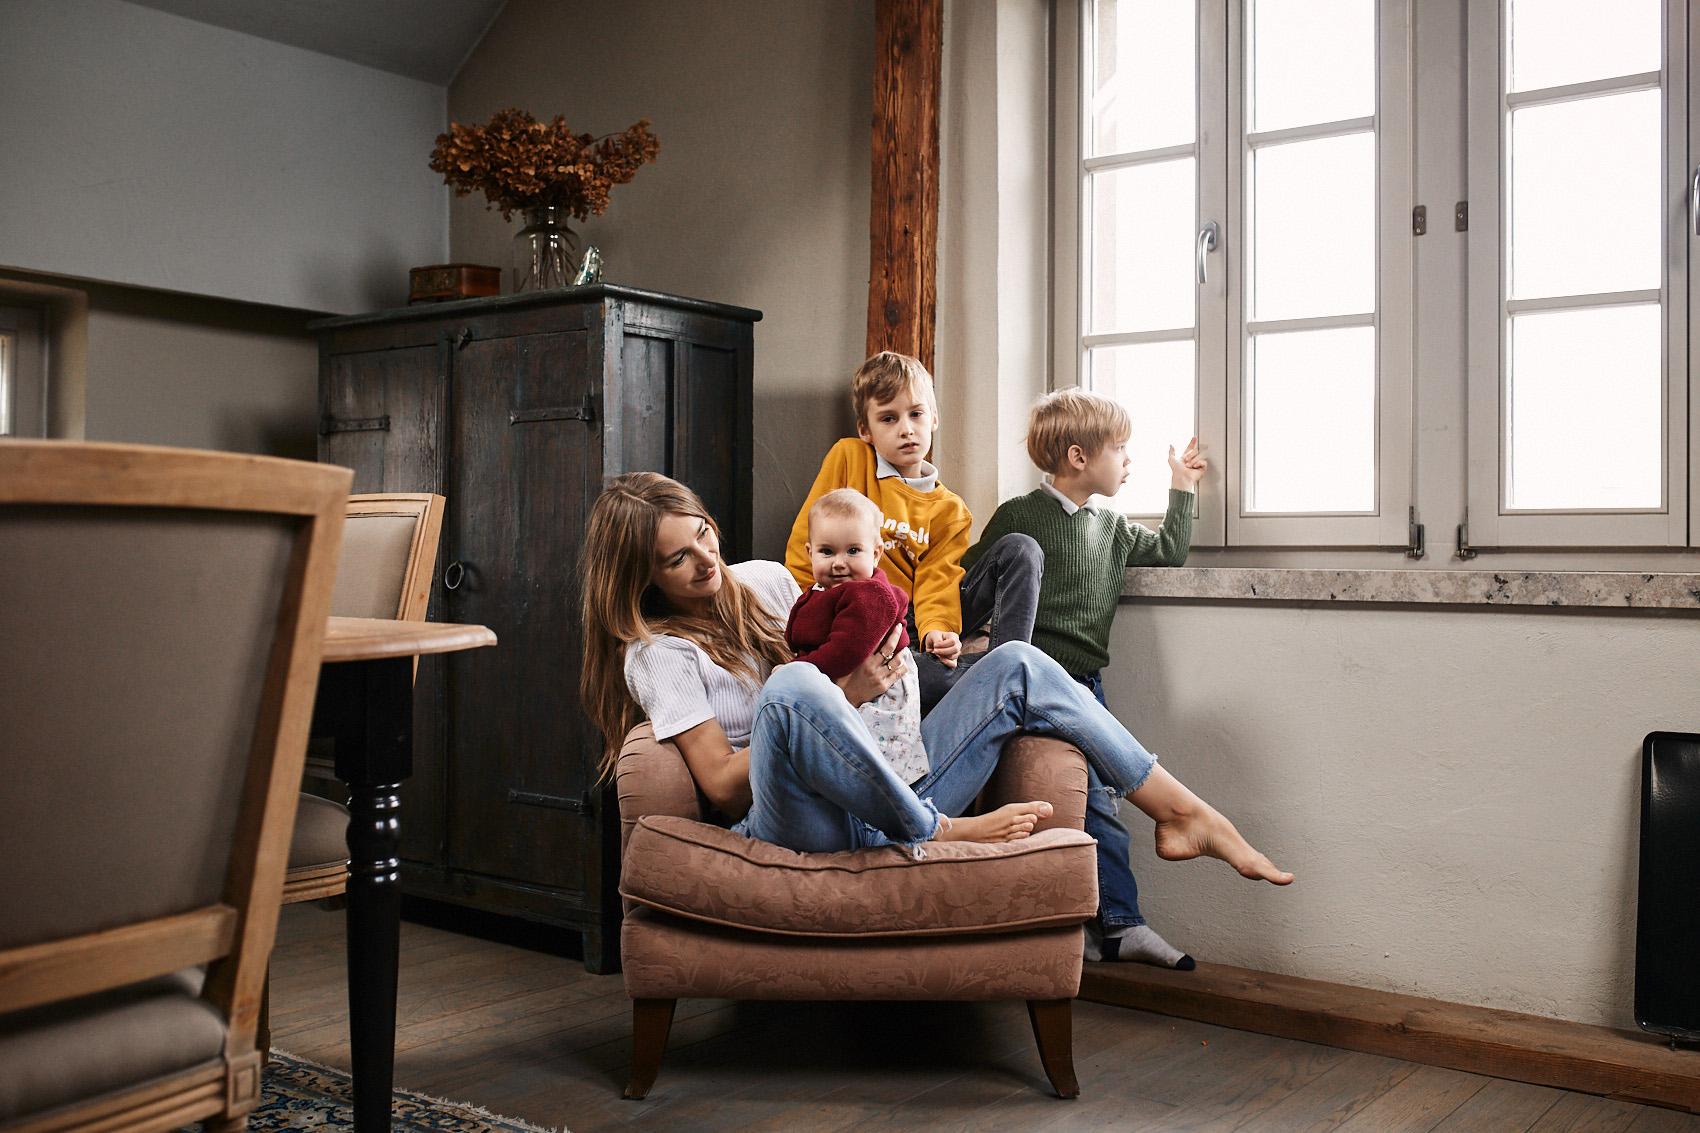 sesja rodzinna w domu fotograf warszawa krakow poznan lodz